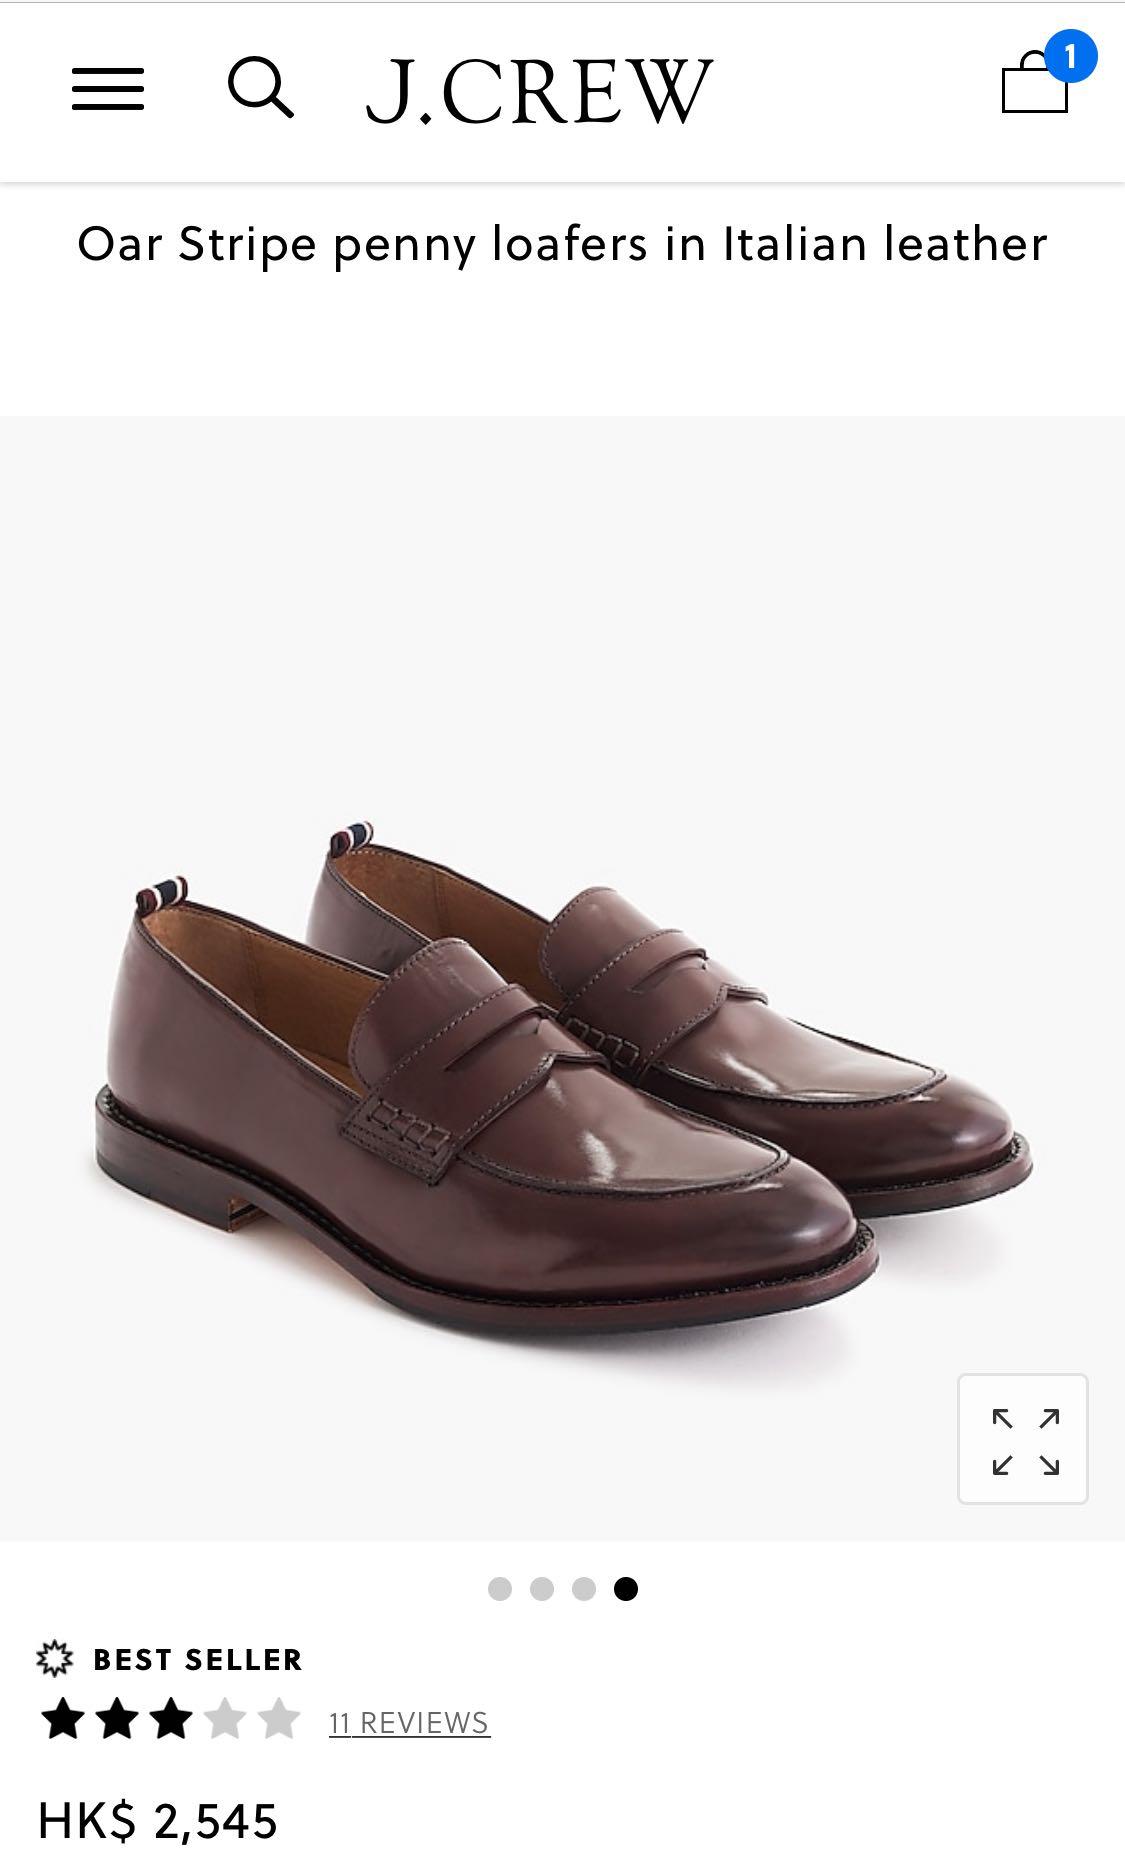 62688a5387f72 J.Crew leather shoes, Oar Stripe penny loafers in Italian leather, Men's  Fashion, Men's Footwear on Carousell